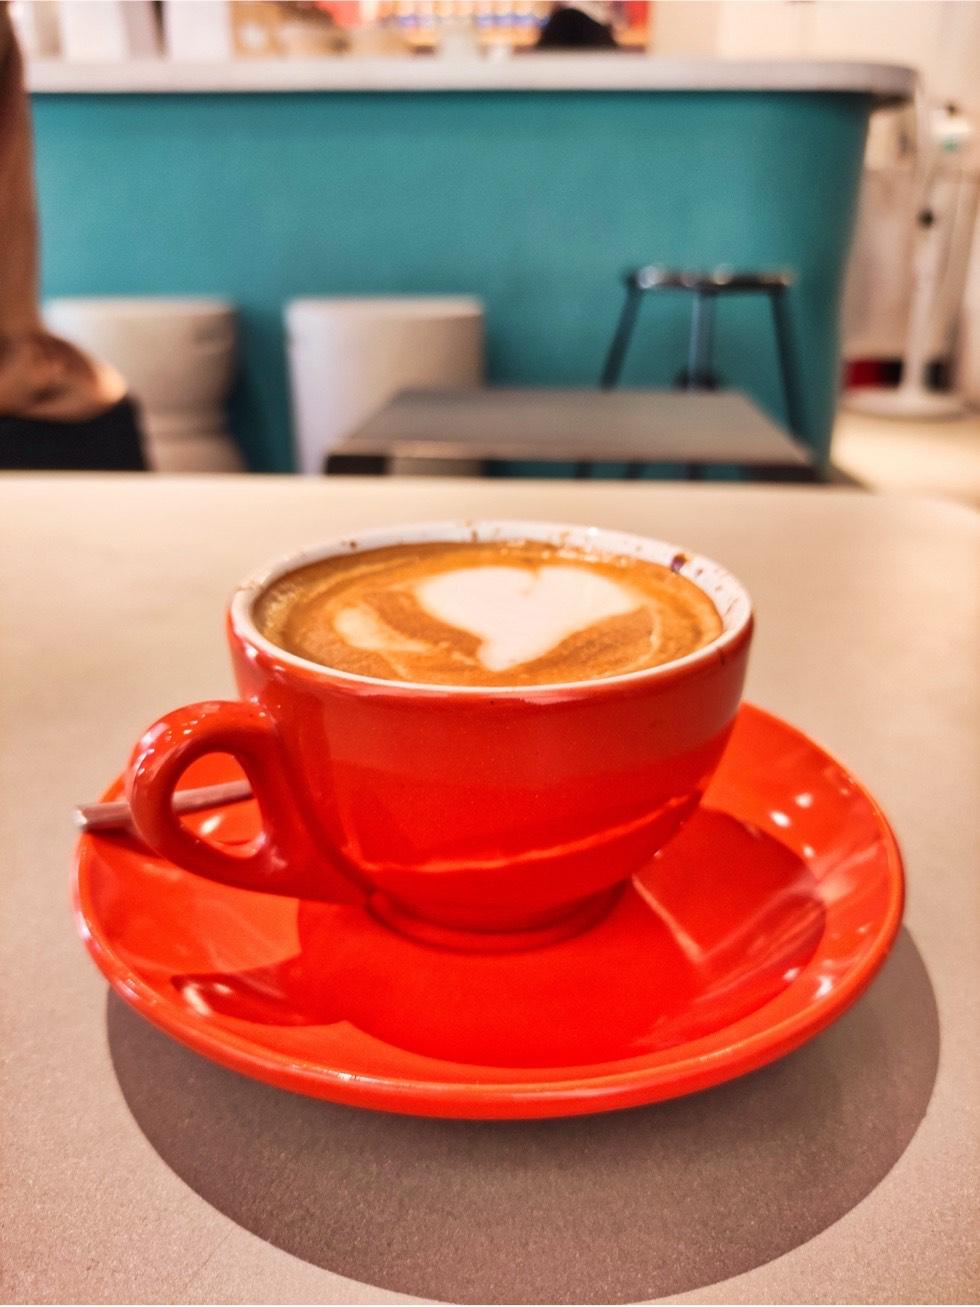 The Feine Cafe Closeup